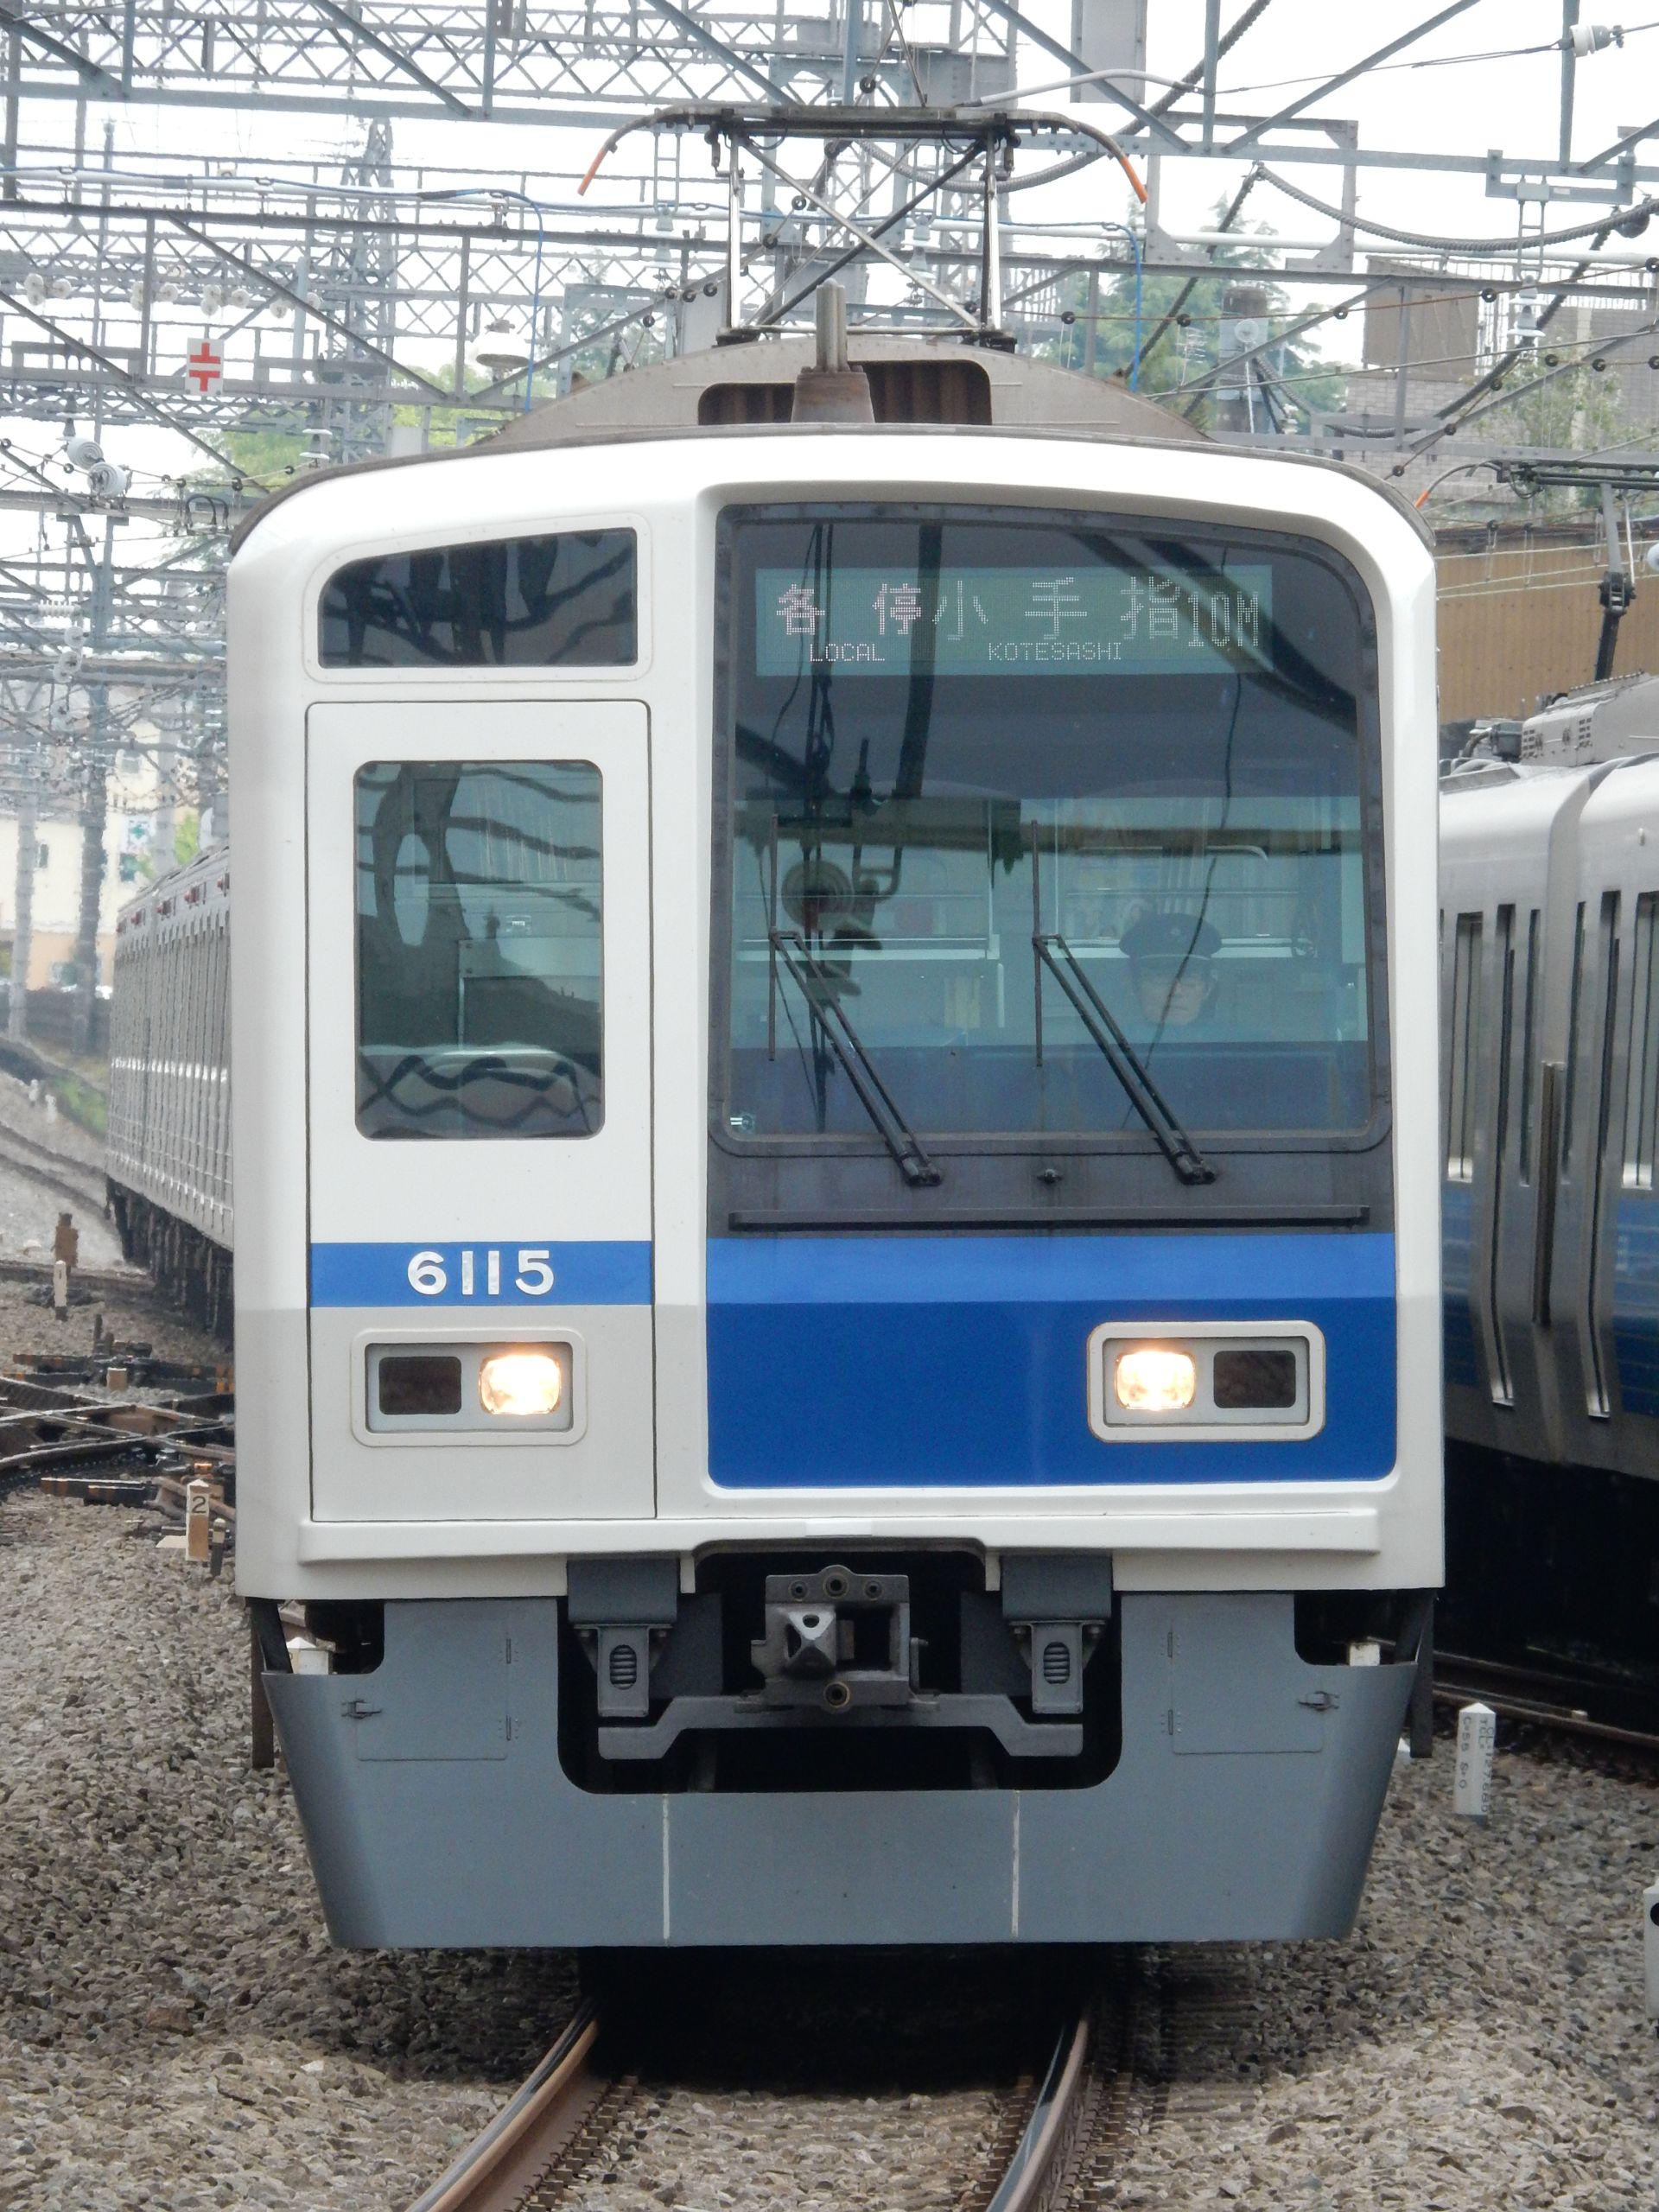 DSCN8023 - コピー